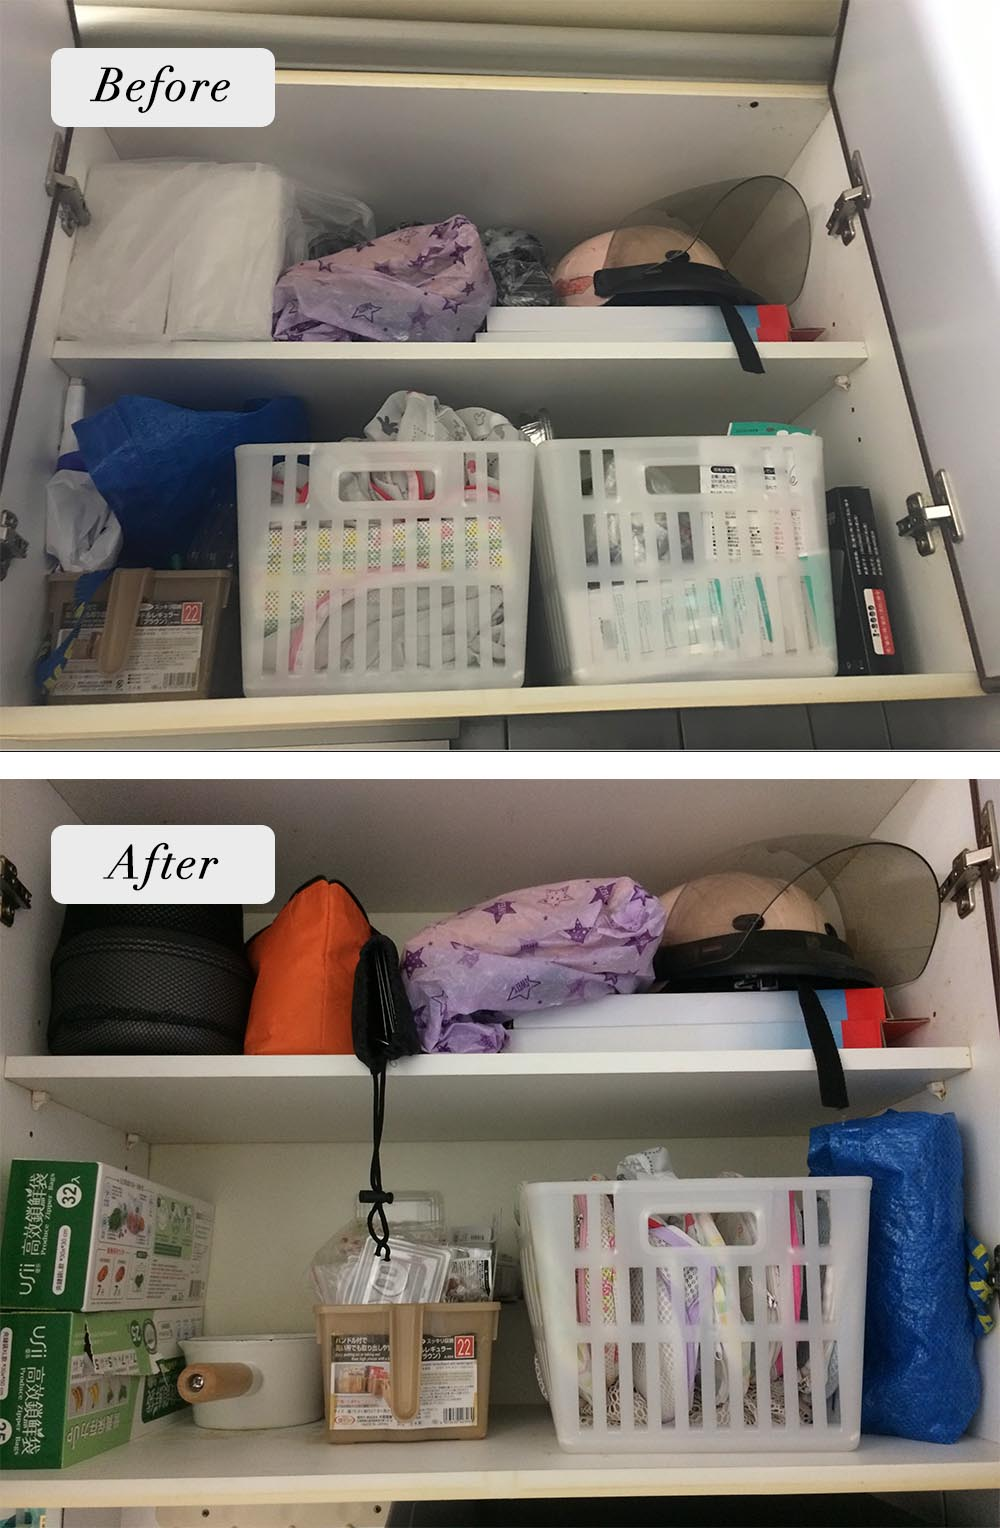 因為房子小,離流理臺比較遠的櫥櫃上方就放了較少用的物品,下層則尊重委託人本來的使用習慣,只清空了一些東西及順了一下動線。